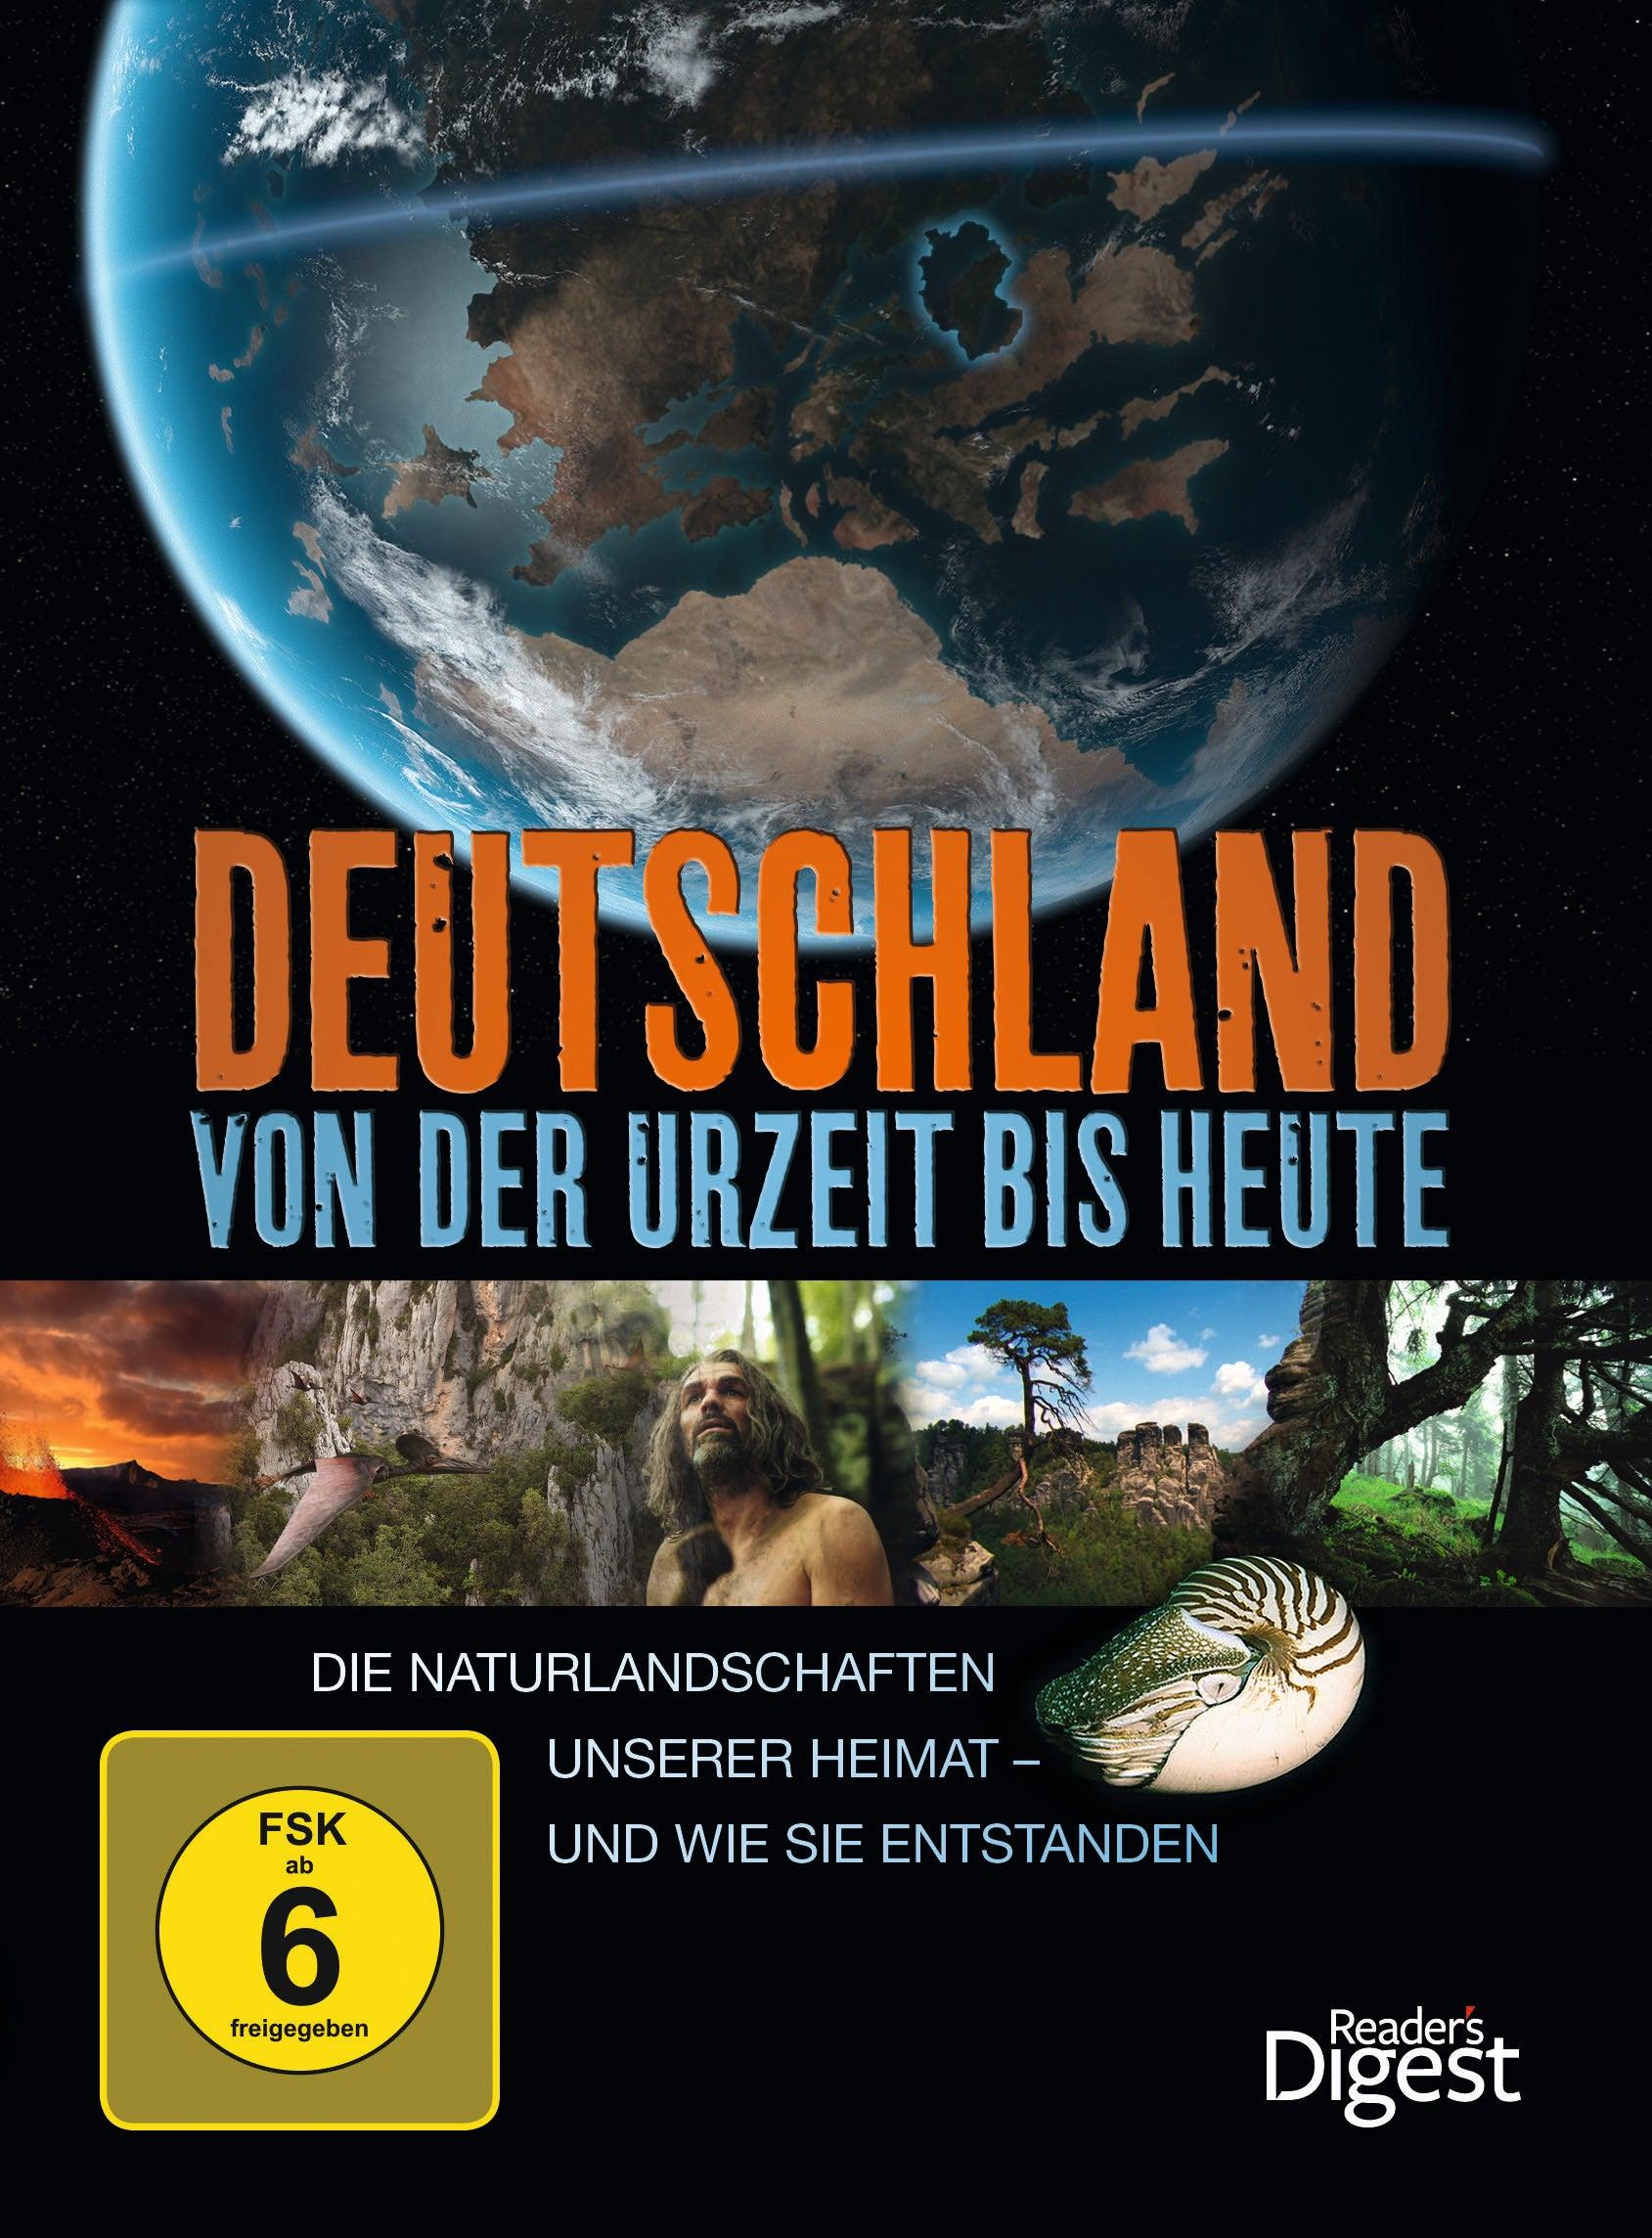 Deutschland - von der Urzeit bis heute